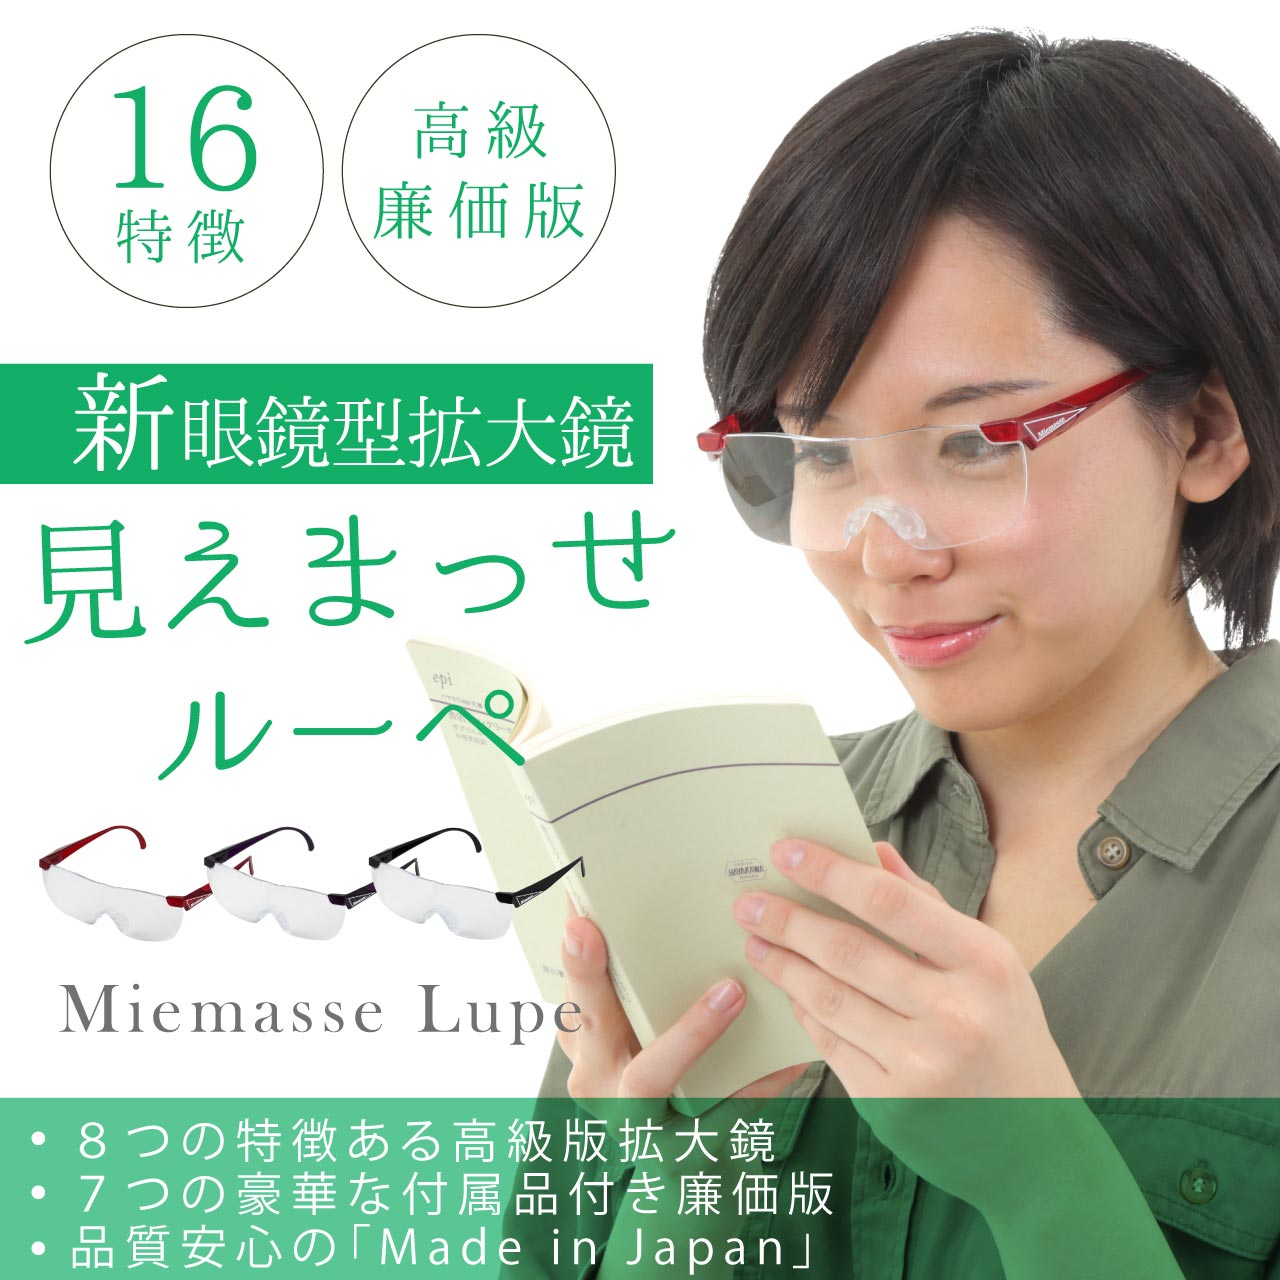 【国内最安値】 上品な新メガネ型拡大鏡 高級廉価版 16特徴 見えまっせルーペ 付属品充実 疲れにくい1.6倍 Miemasse Lupe (黒)